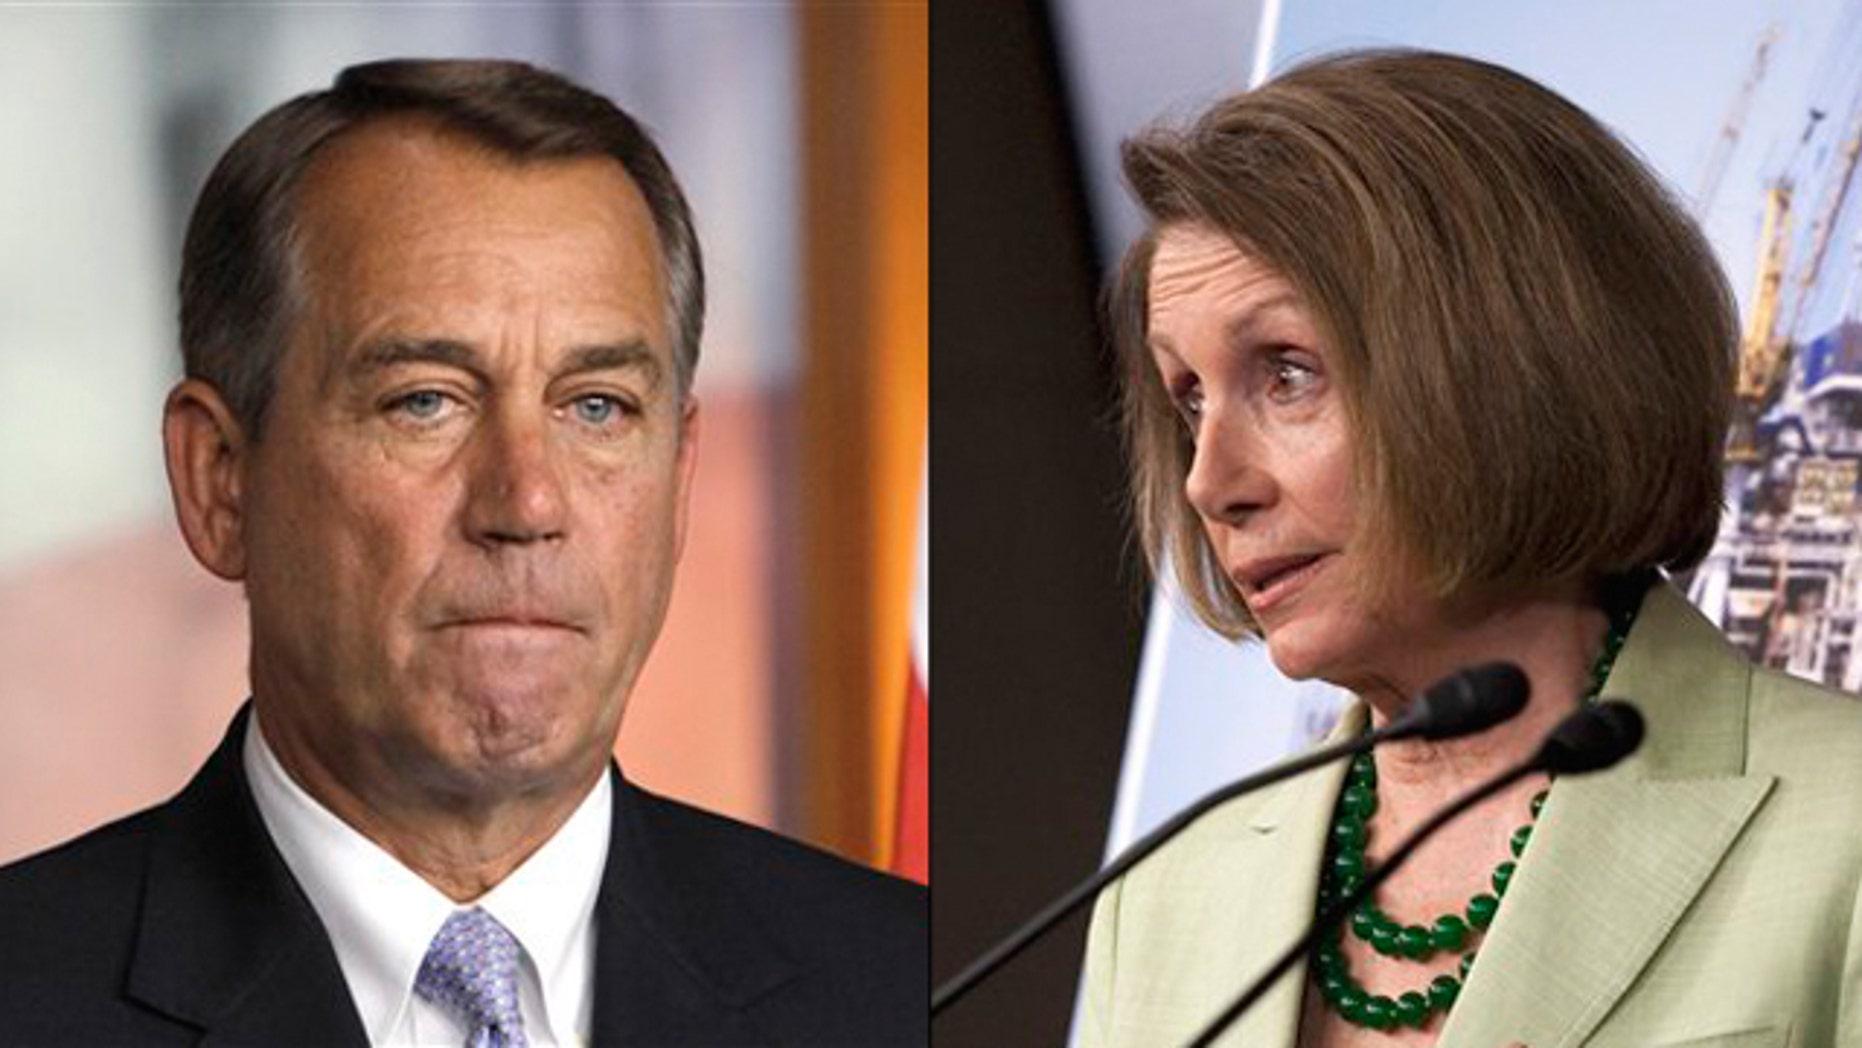 Shown here are House Speaker John Boehner, left, and House Minority Leader Nancy Pelosi.